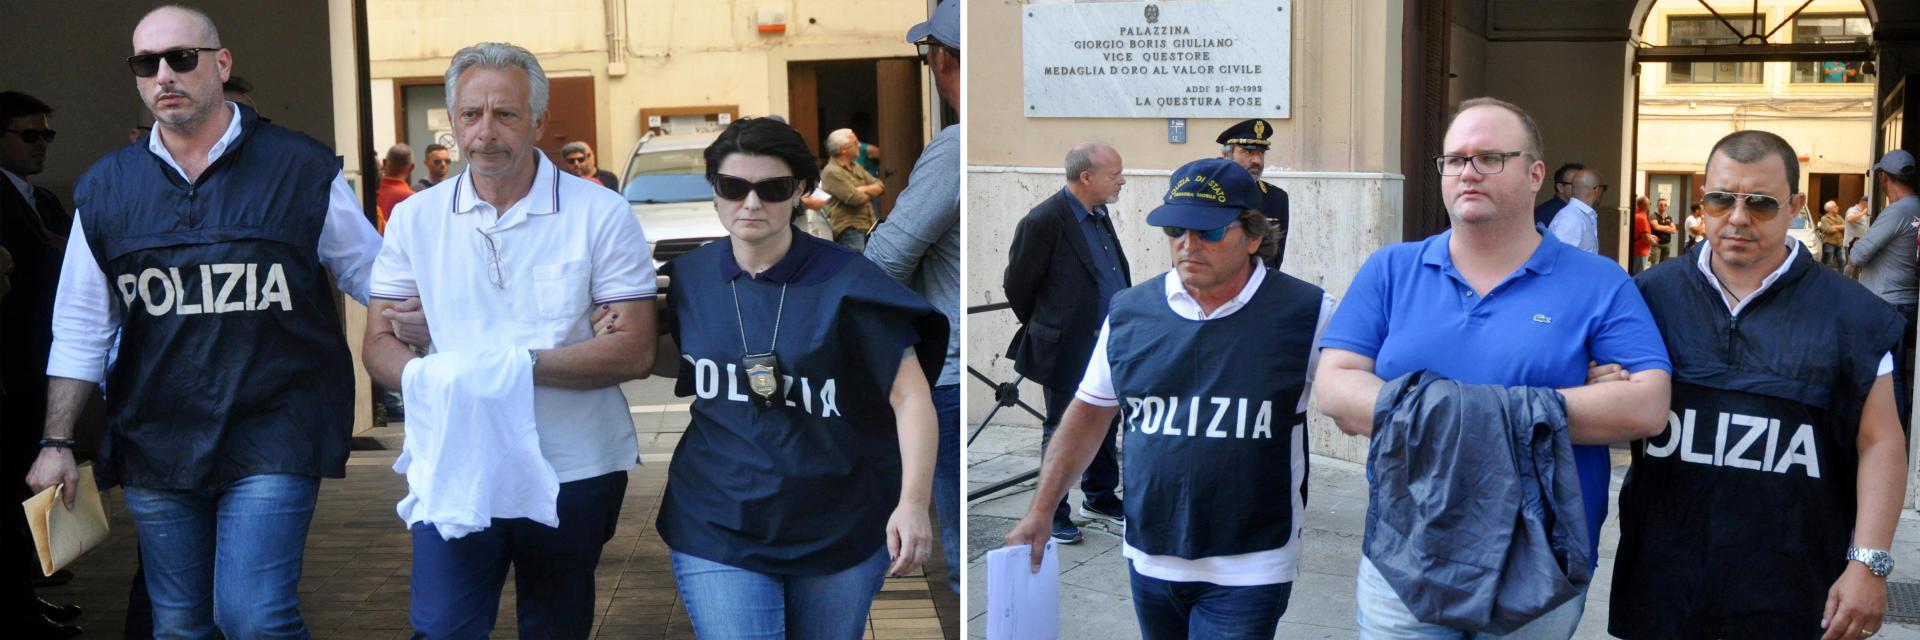 Les chefs mafieux Francesco Inzerillo(à gauche) etSalvatore Gambino, arrêtés dans le cadre de l'opération italo-américaine «New Connection» du17juillet2019.